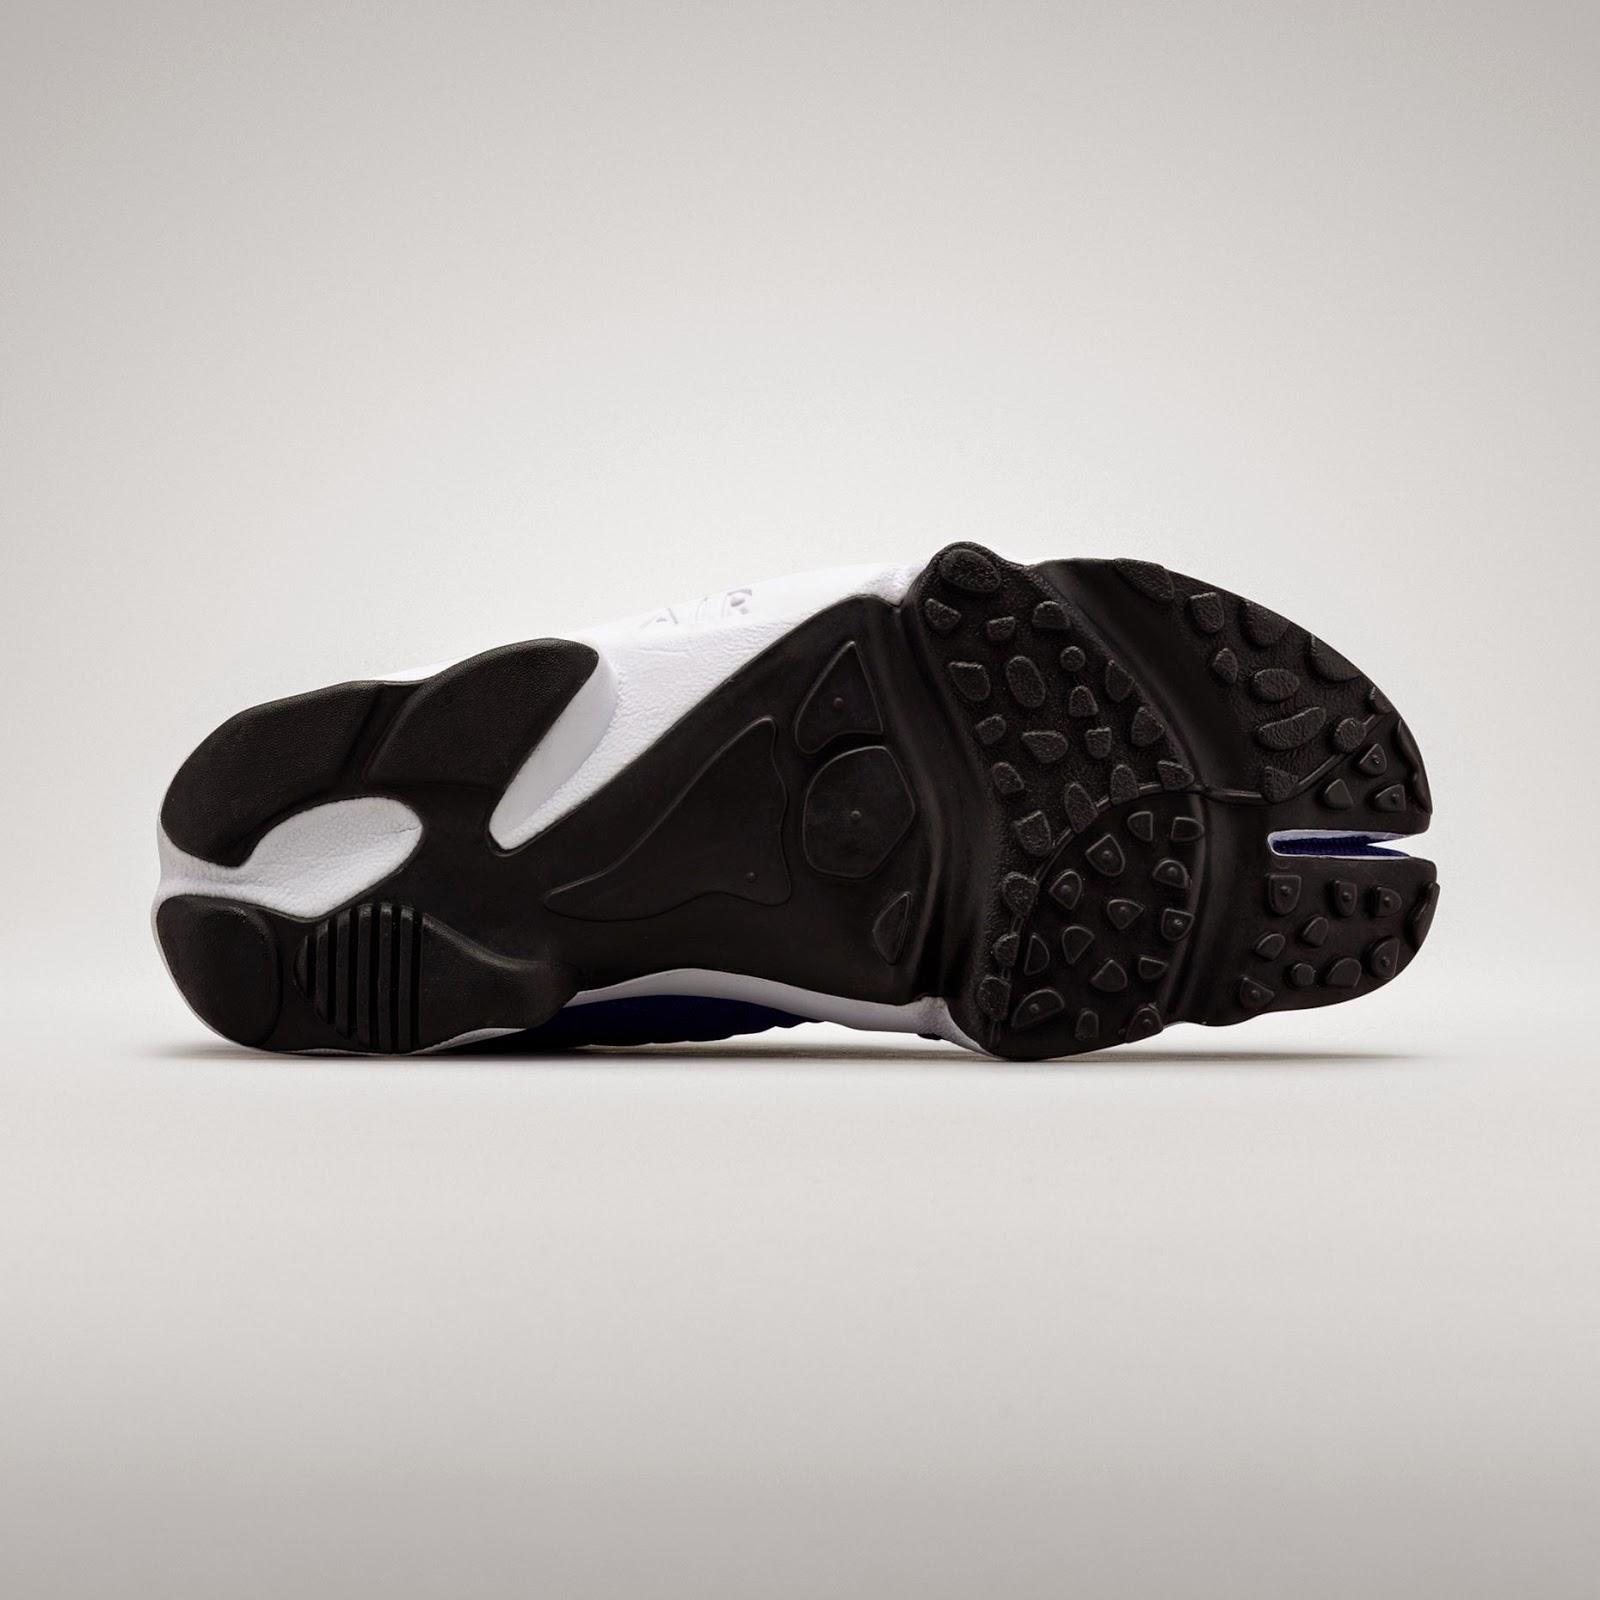 promo code a1678 9a237 Nike Air Blog New Chaussure Rift 4qnBPw1